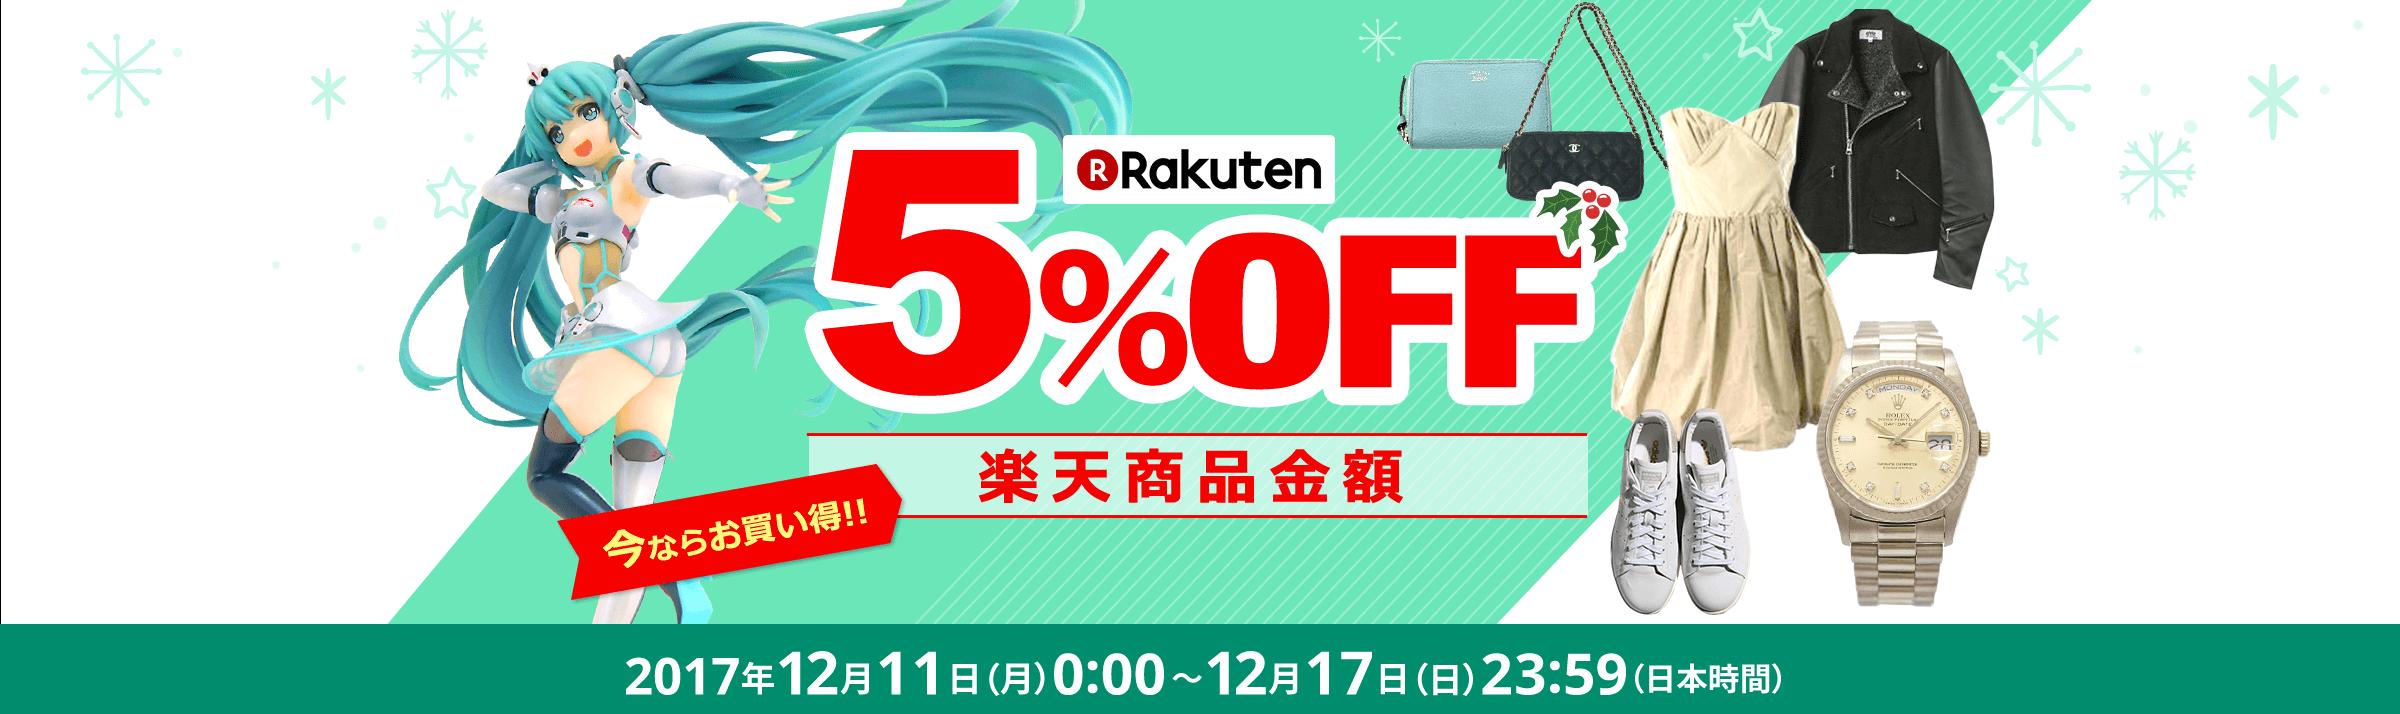 楽天商品金額5%OFFキャンペーン